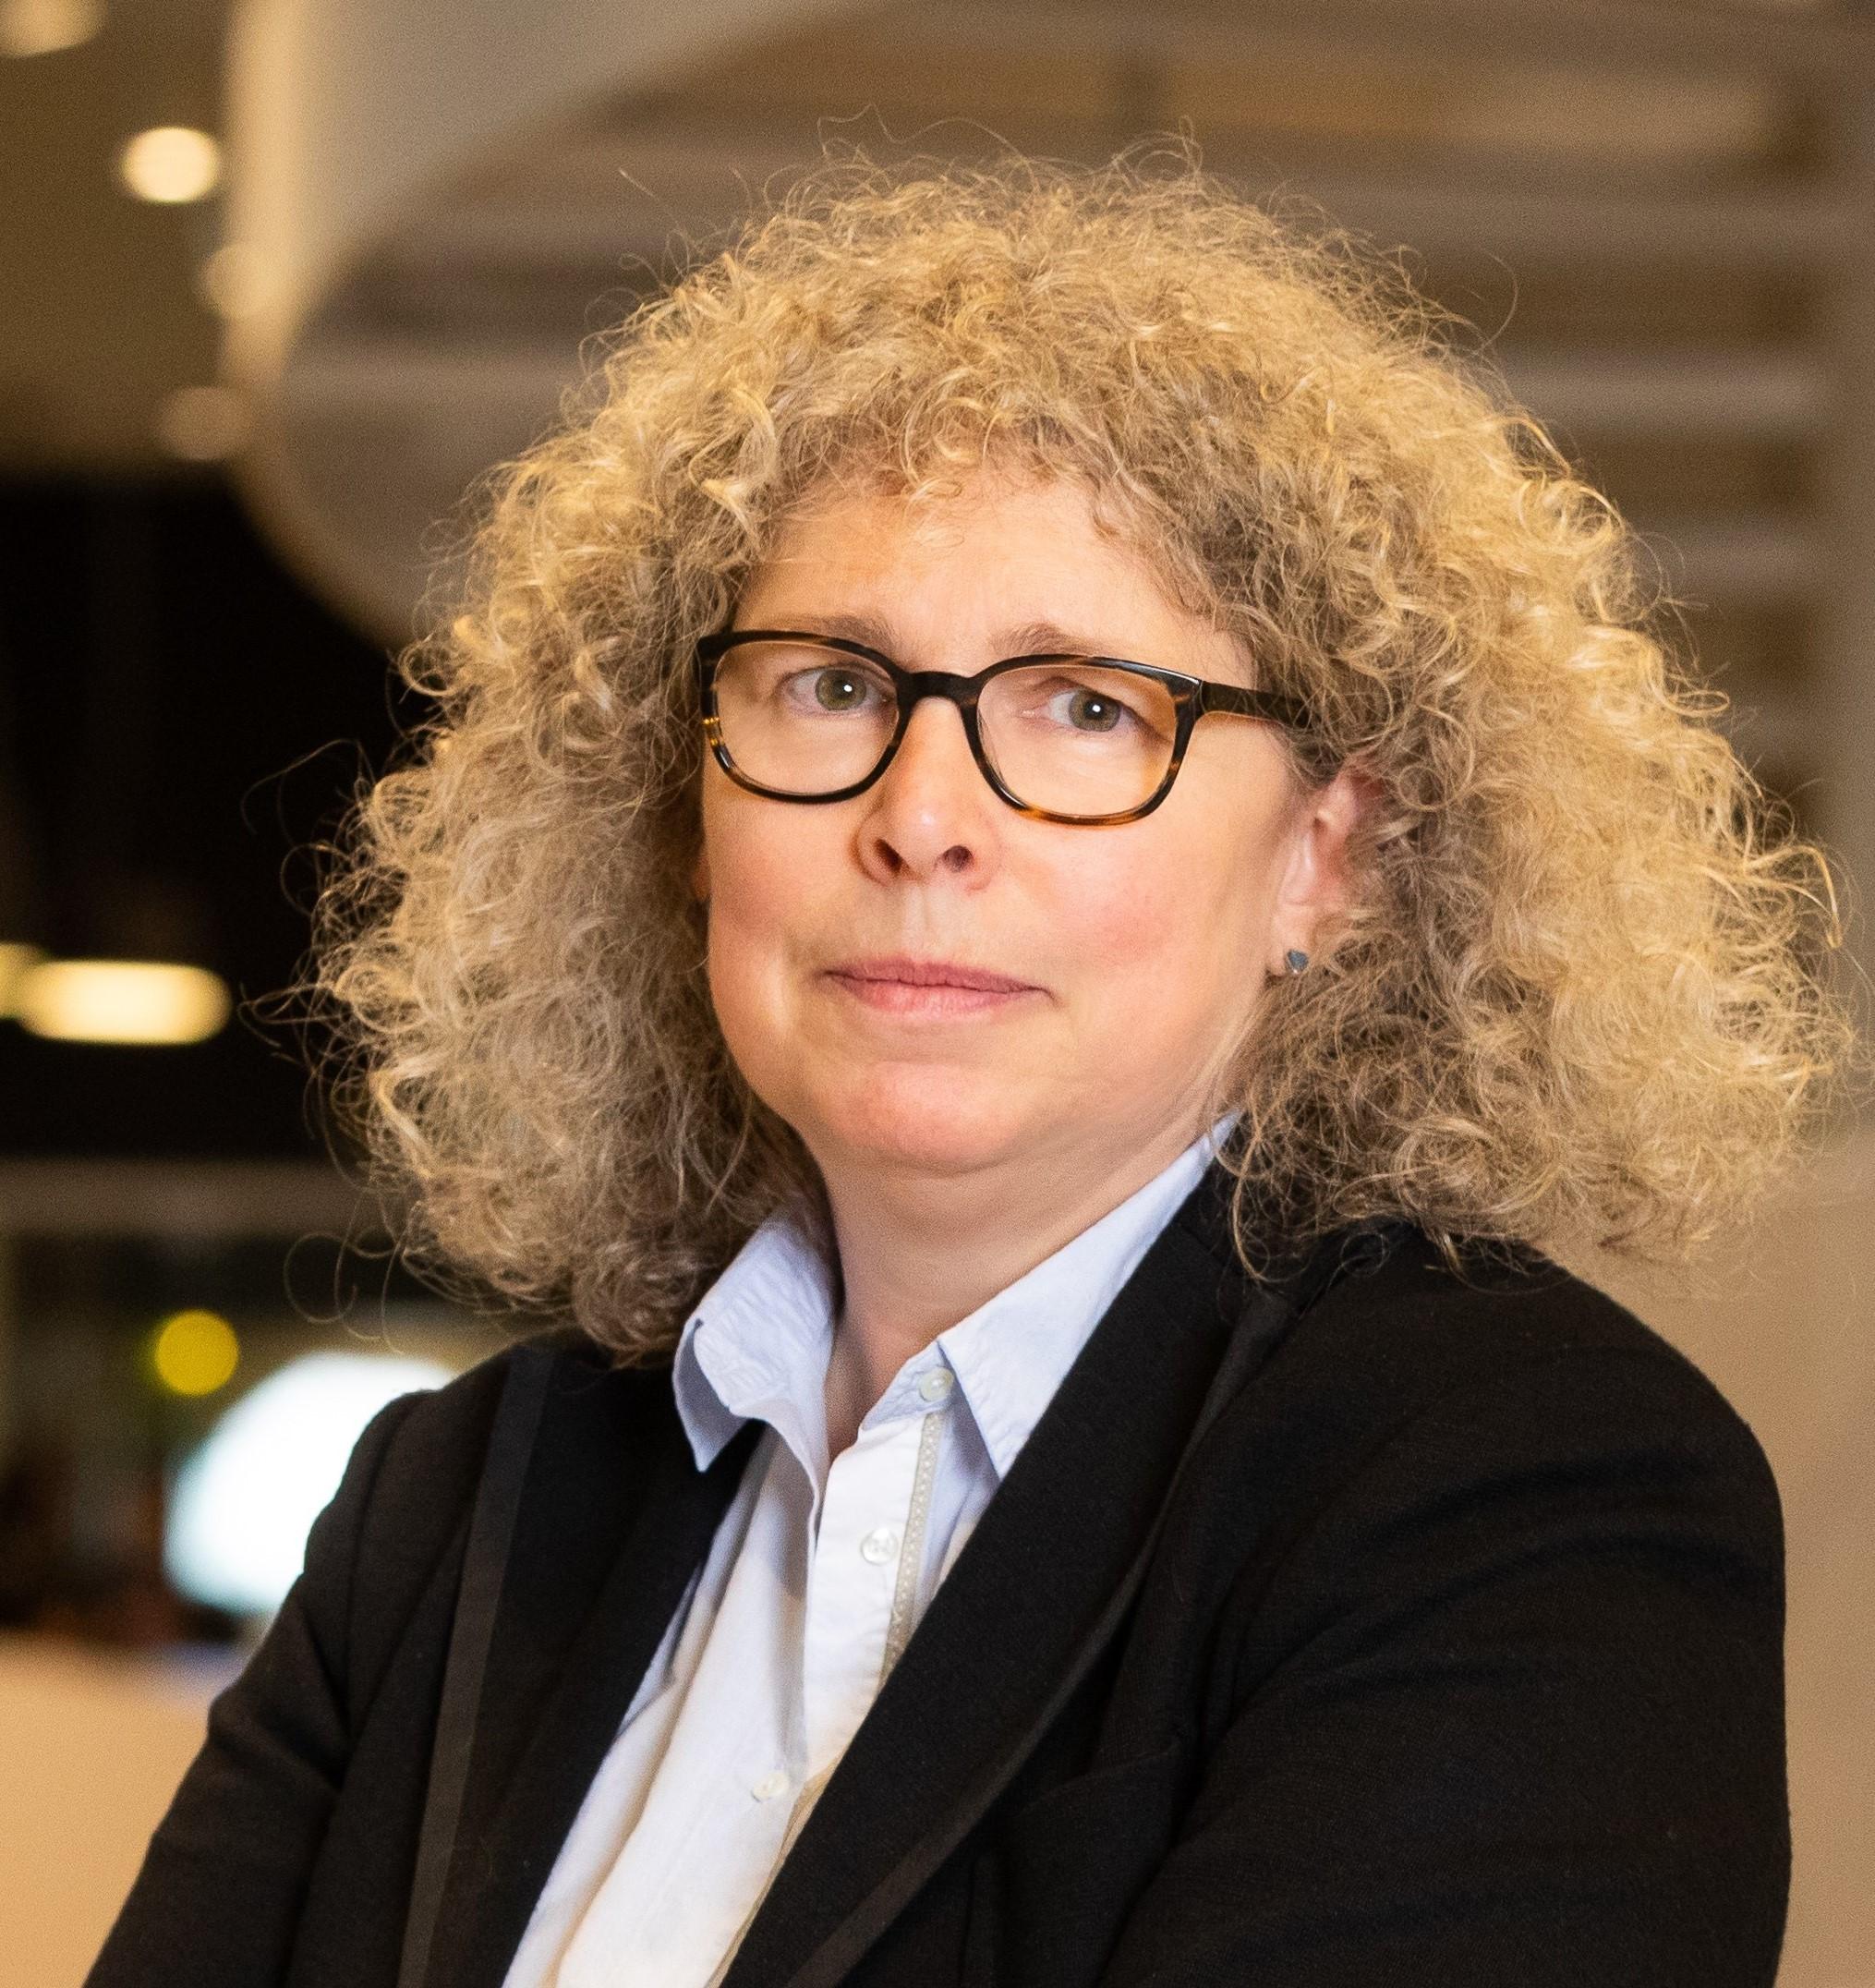 Geneviève Morin - Board Member